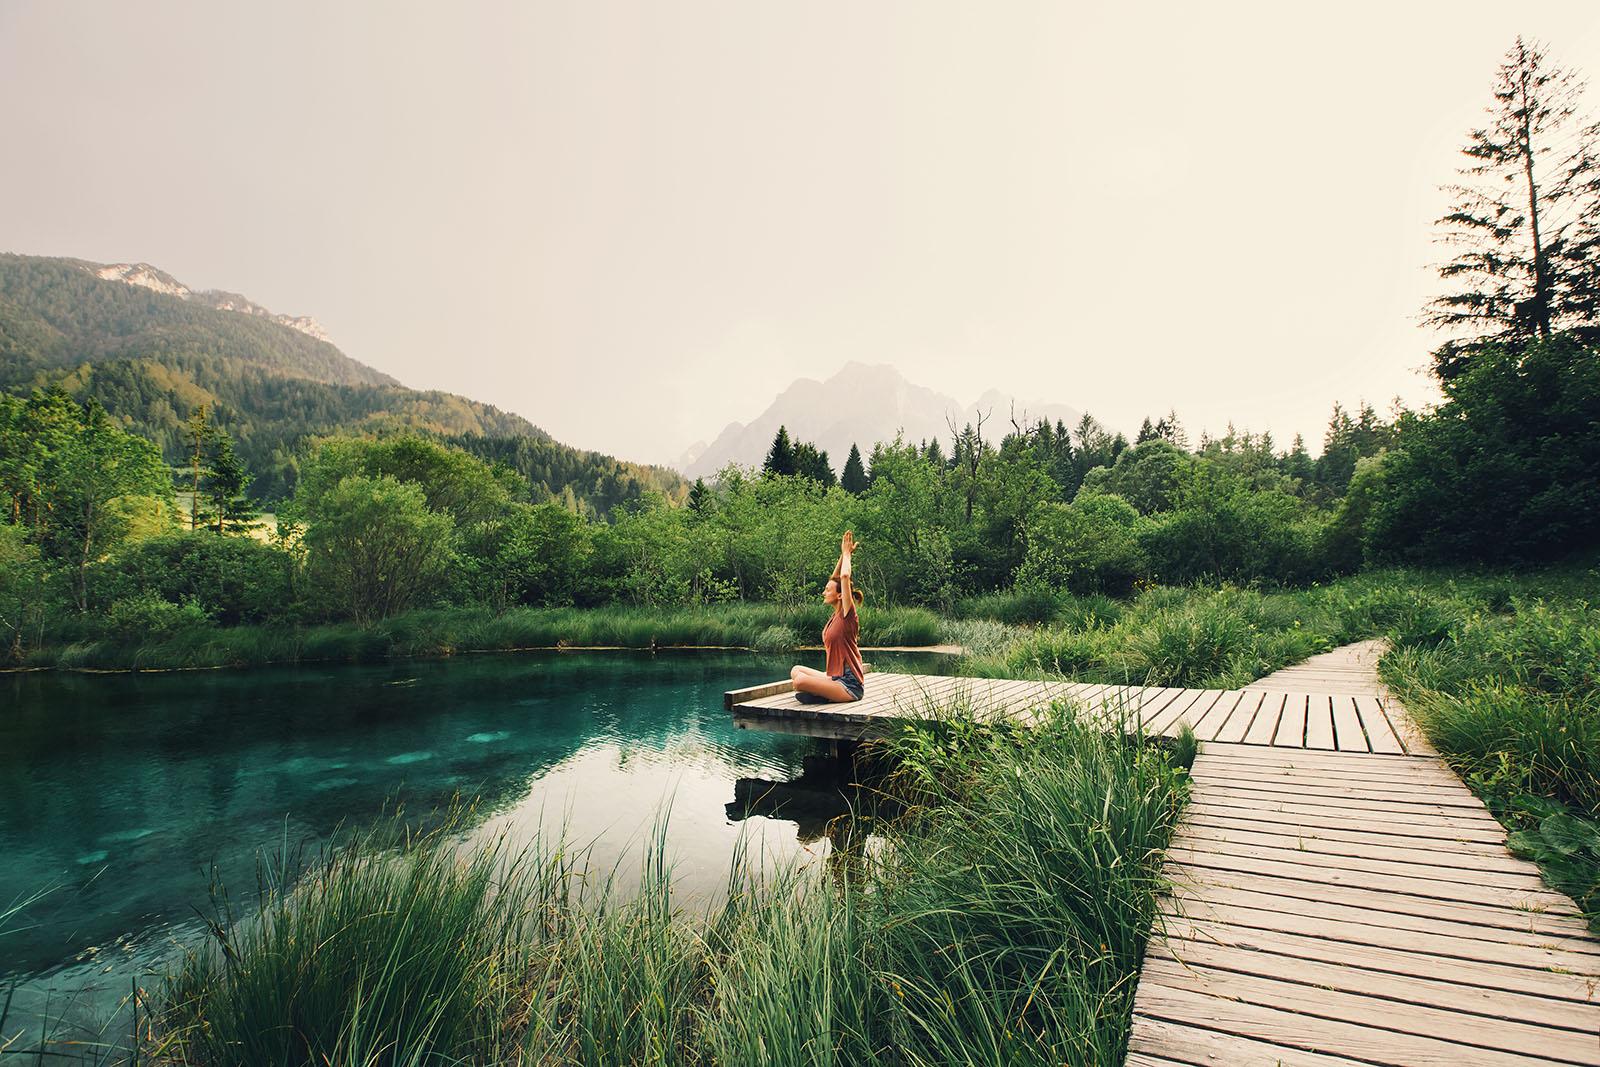 Frau macht Yoga am Steg an einem Bergsee mit Wald und Bergen im Hintergrund